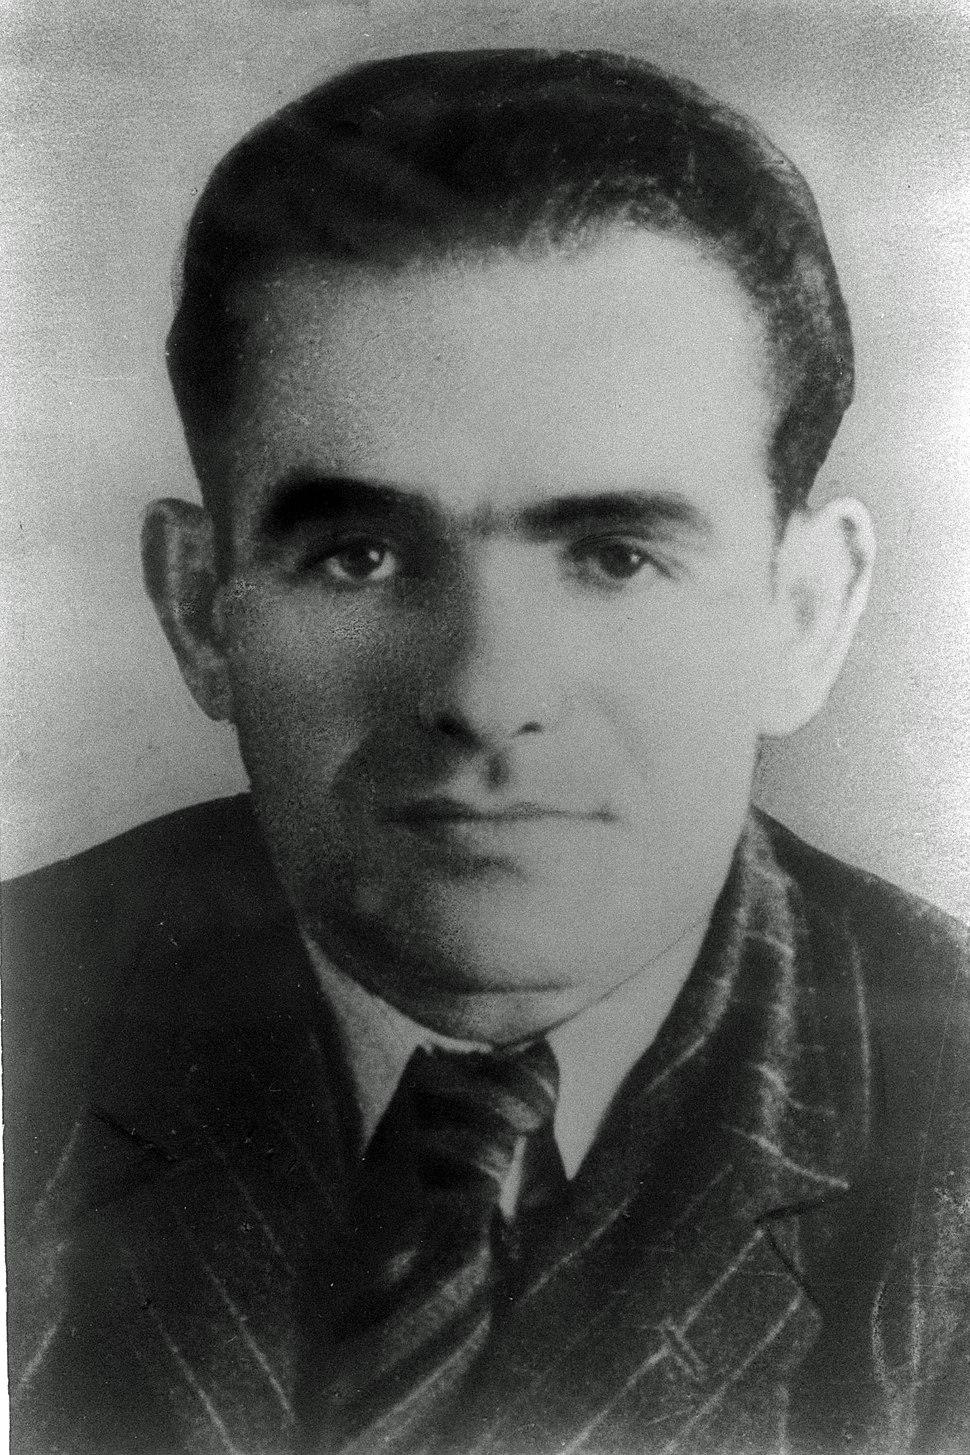 YITZHAK SHAMIR. פורטרט, יצחק שמיר.